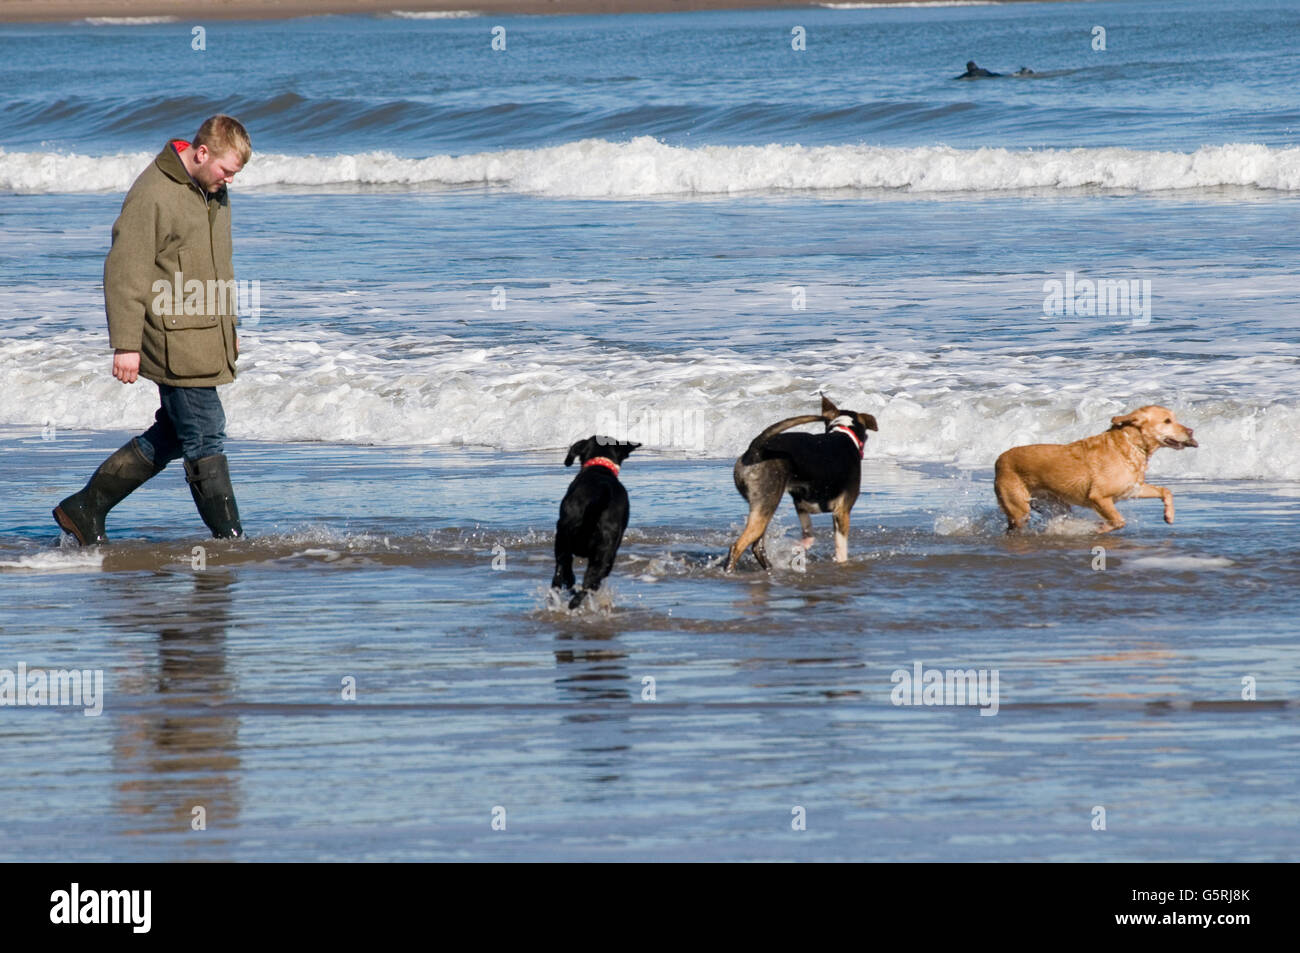 Mann zu Fuß Hunde am Strand Strände Hund gehen Gassi Meer Surfen, laufen, laufen im Vereinigten Königreich Stockfoto